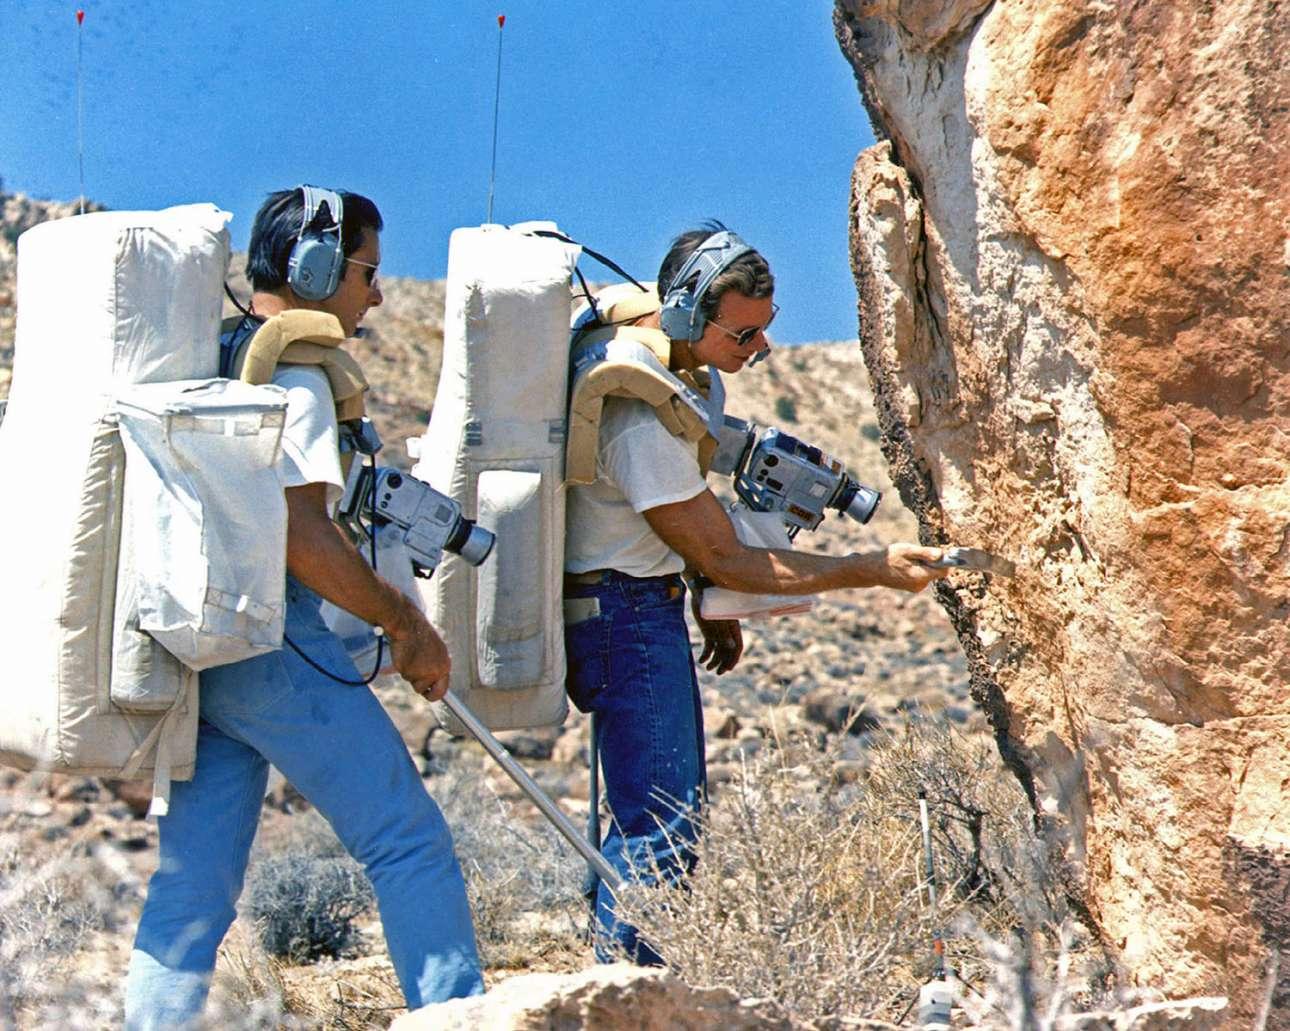 Οι αστροναύτες Τζιμ Ιργουιν και Ντέιβ Σκοτ κάνουν στην περιοχή Coconino Point της Αριζόνα γεωλογικές έρευνες φορώντας μέρος της στολής που θα φορούσαν στην επιφάνεια της Σελήνης. Οι δύο αστροναύτες ταξίδεψαν στην Σελήνη το 1971 με την αποστολή Apollo 15